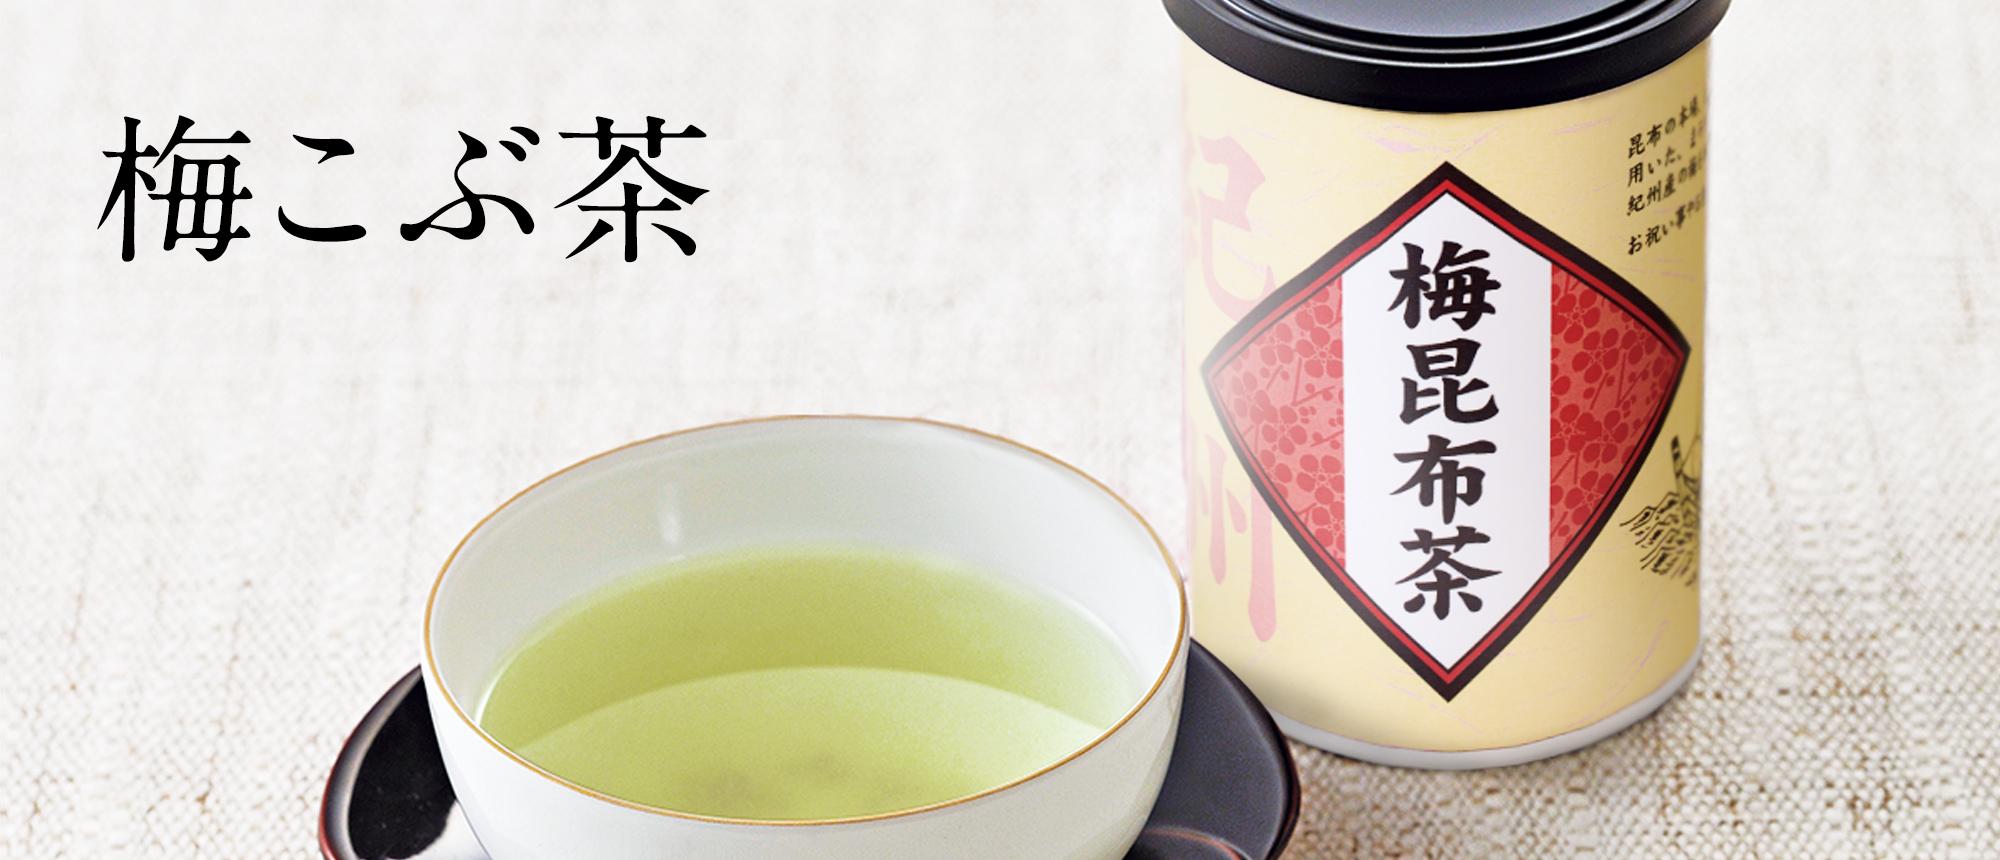 梅こぶ茶 2g×14本入